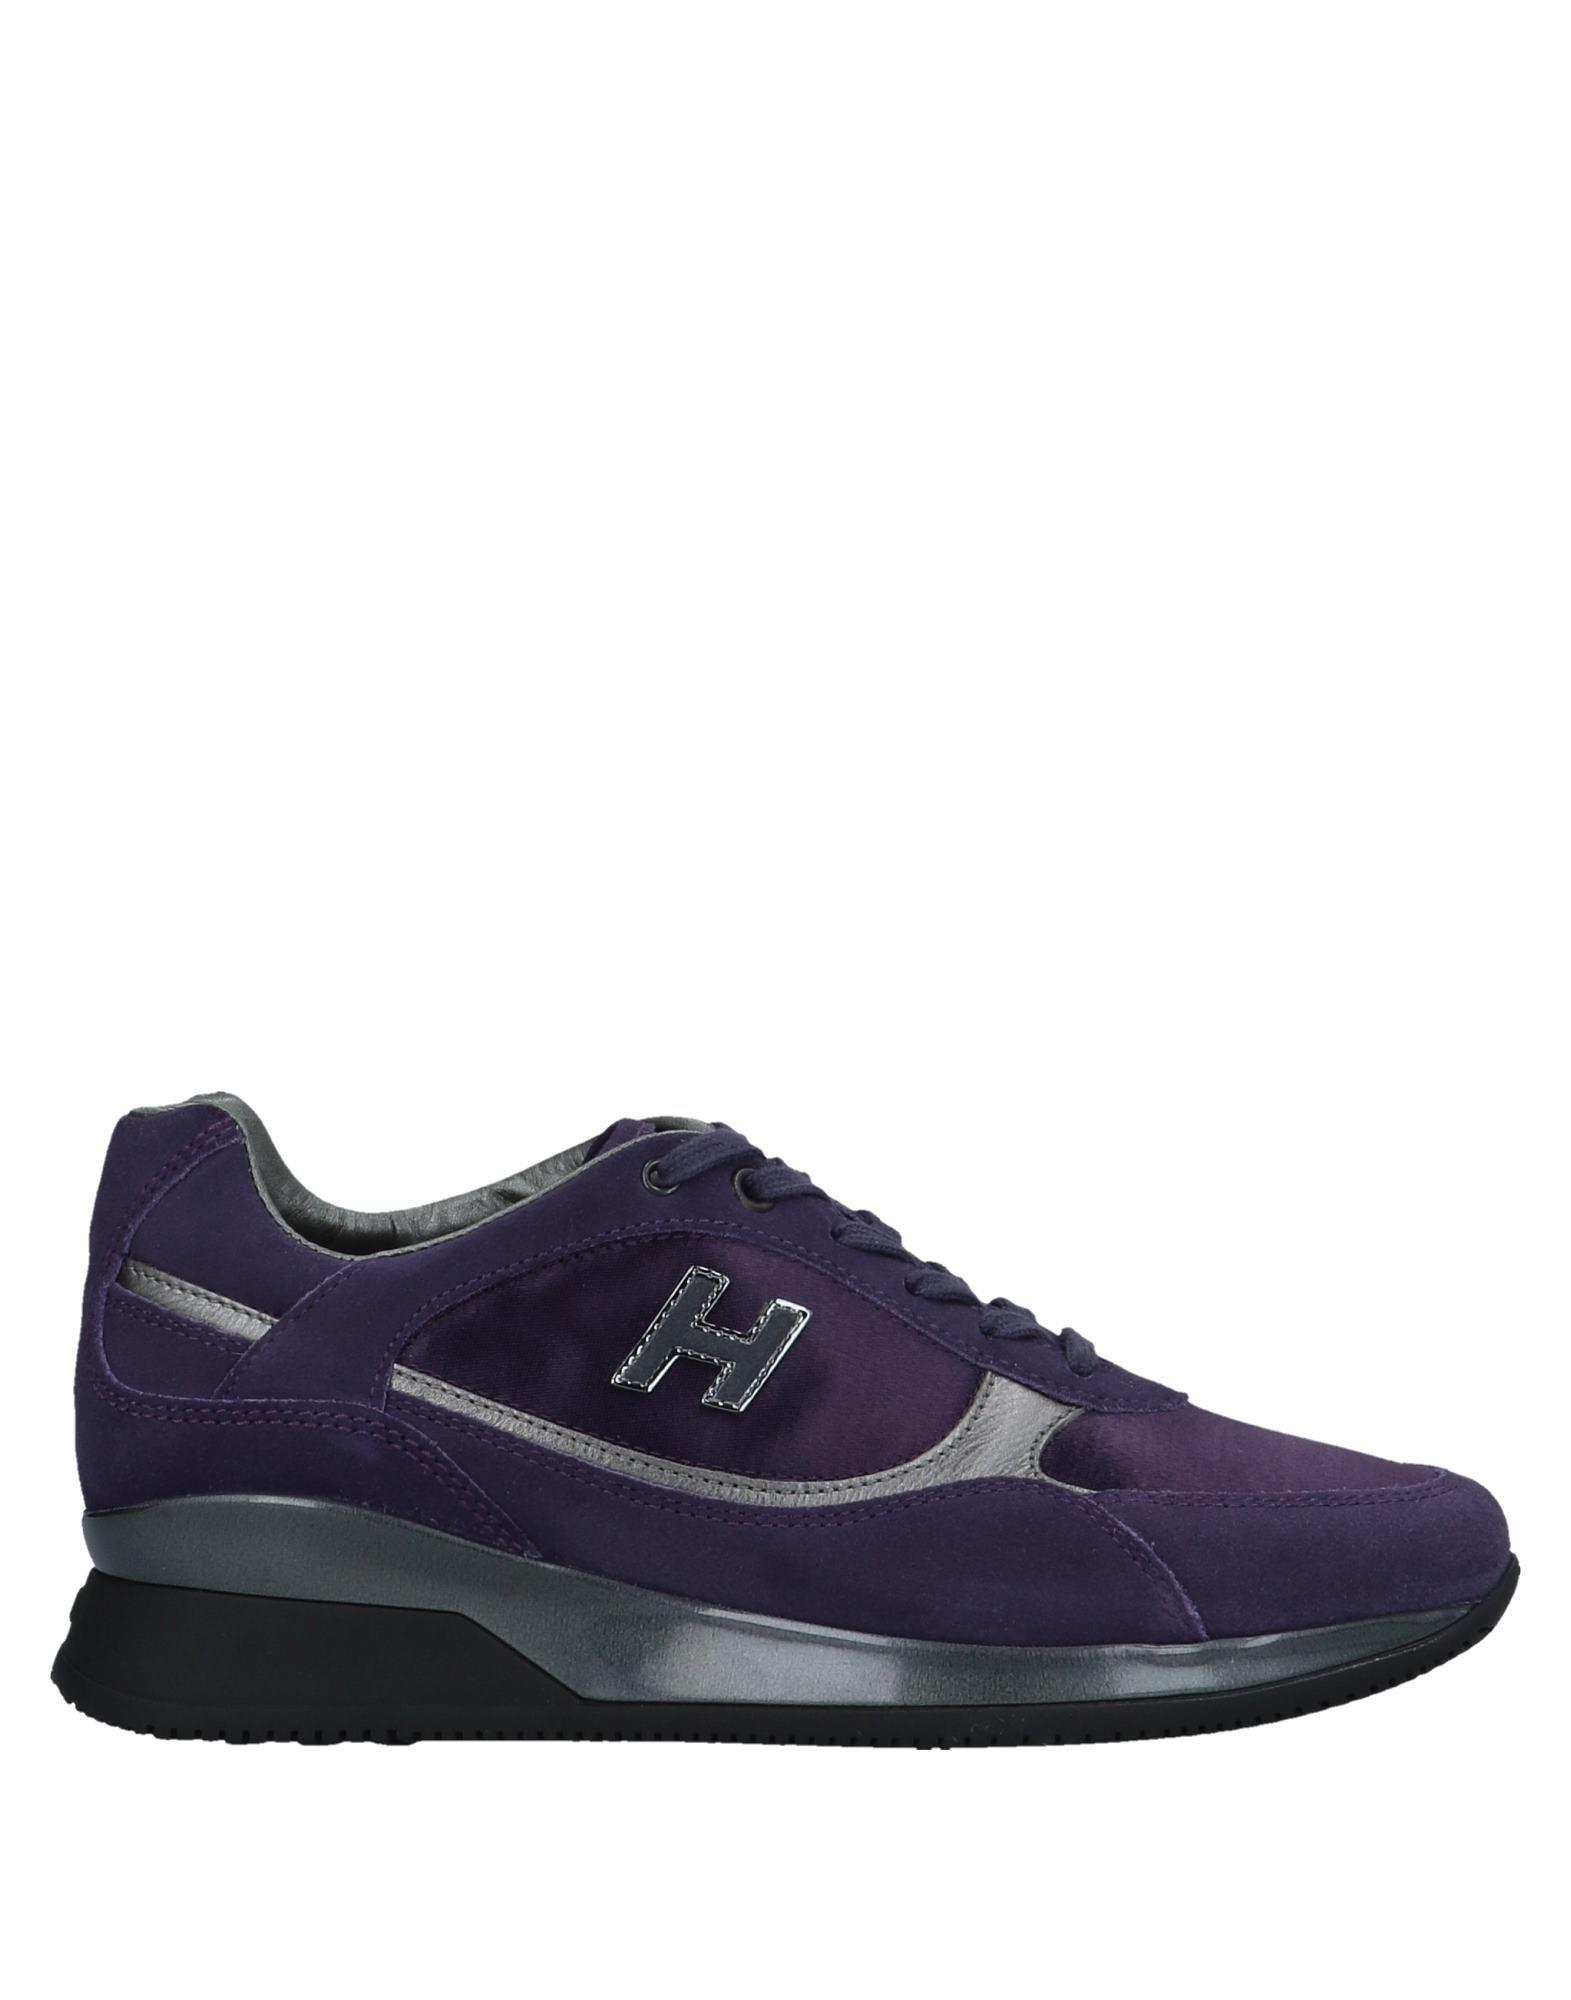 Moda Sneakers Hogan Donna - 11539879FQ 11539879FQ - b97516